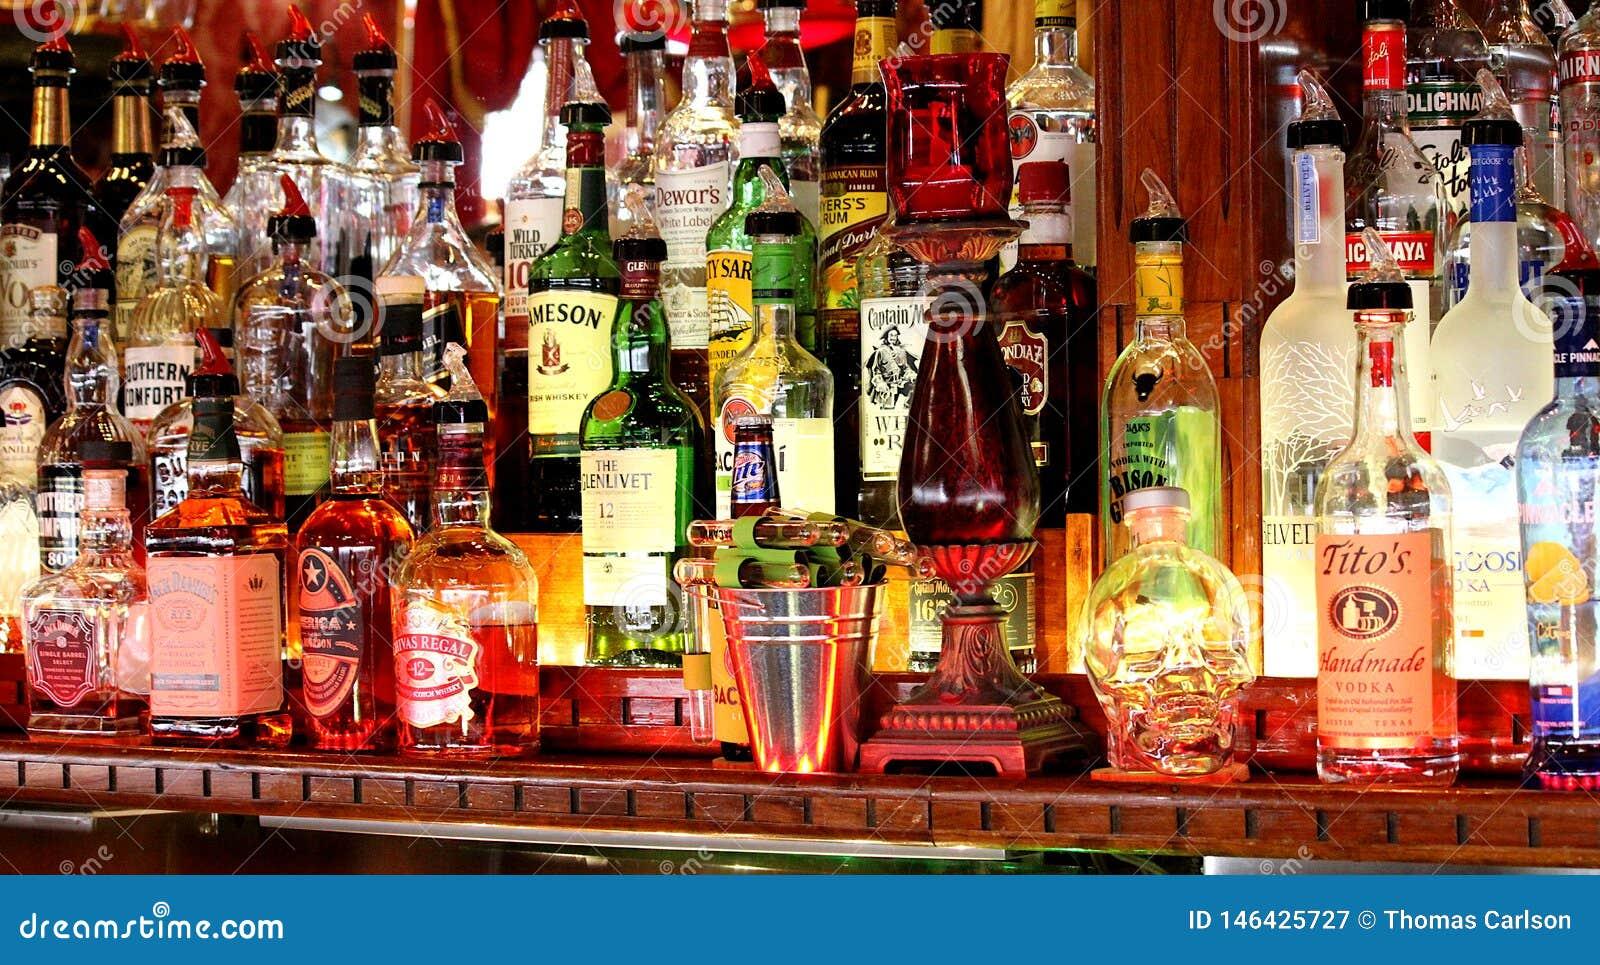 Liquor bottles behind a bar.